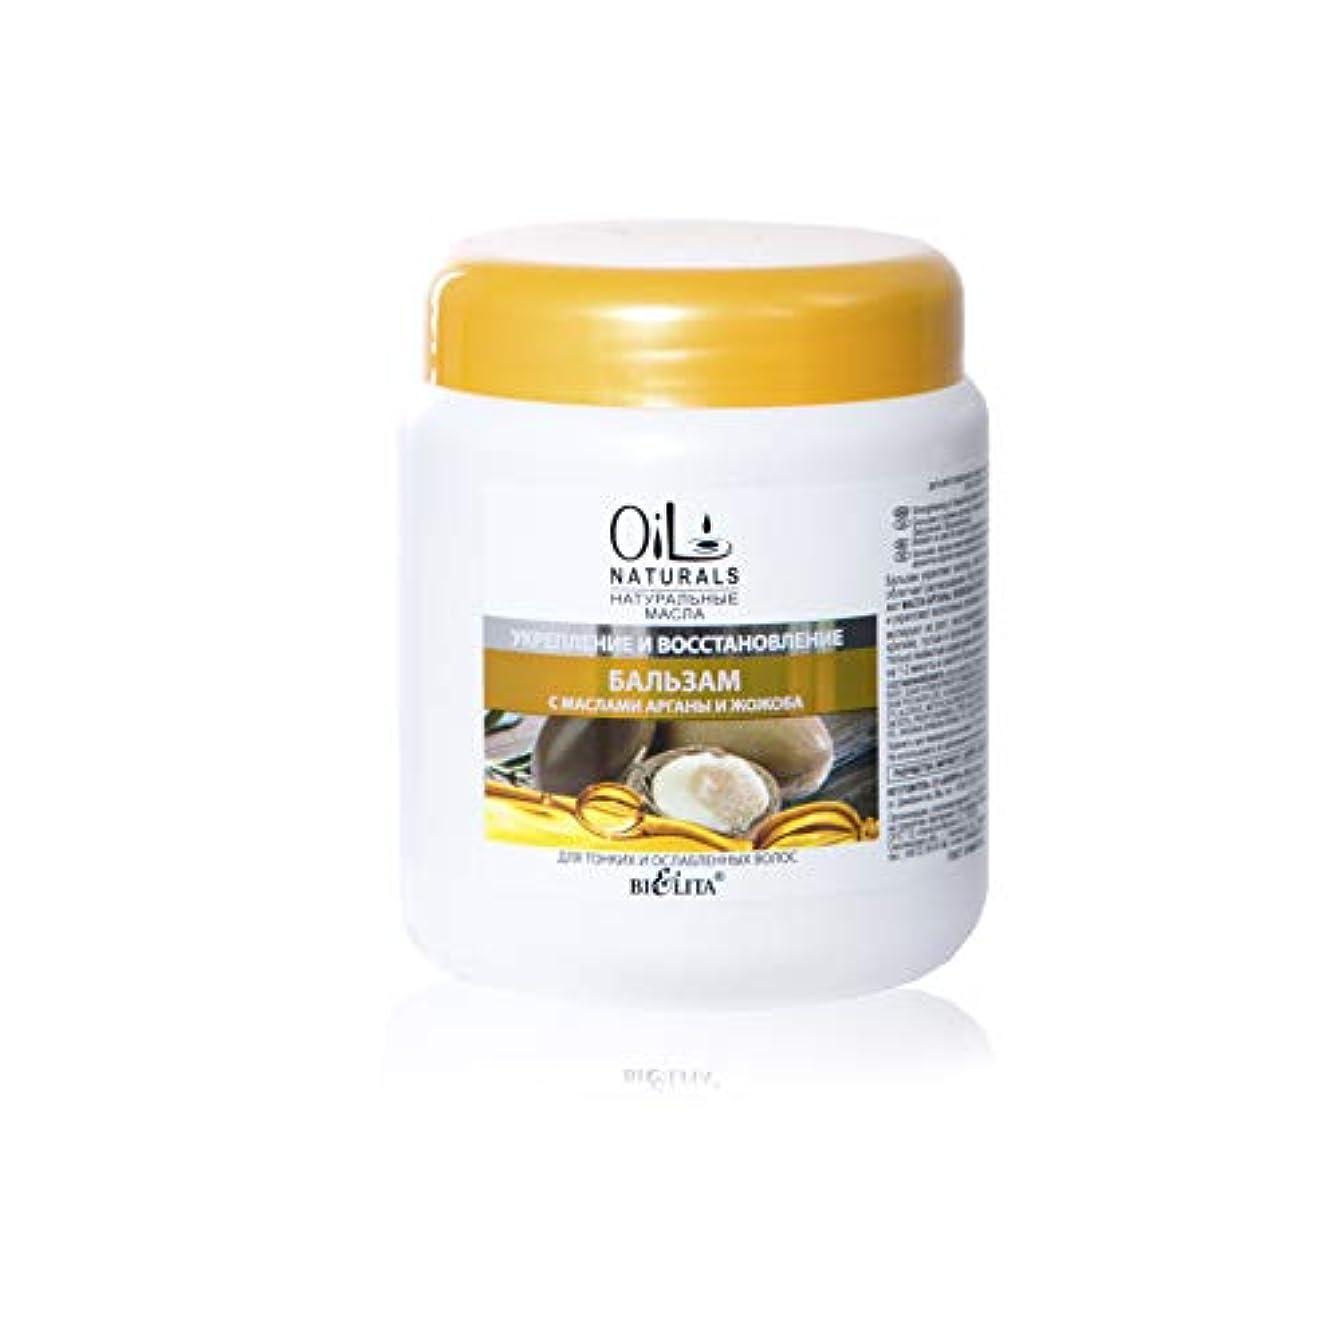 新しさ目の前の奴隷Bielita & Vitex Oil Naturals Line | Strengthening Balm for Thin and Weak Hair, for All Hair Types, 450 ml | Argan...